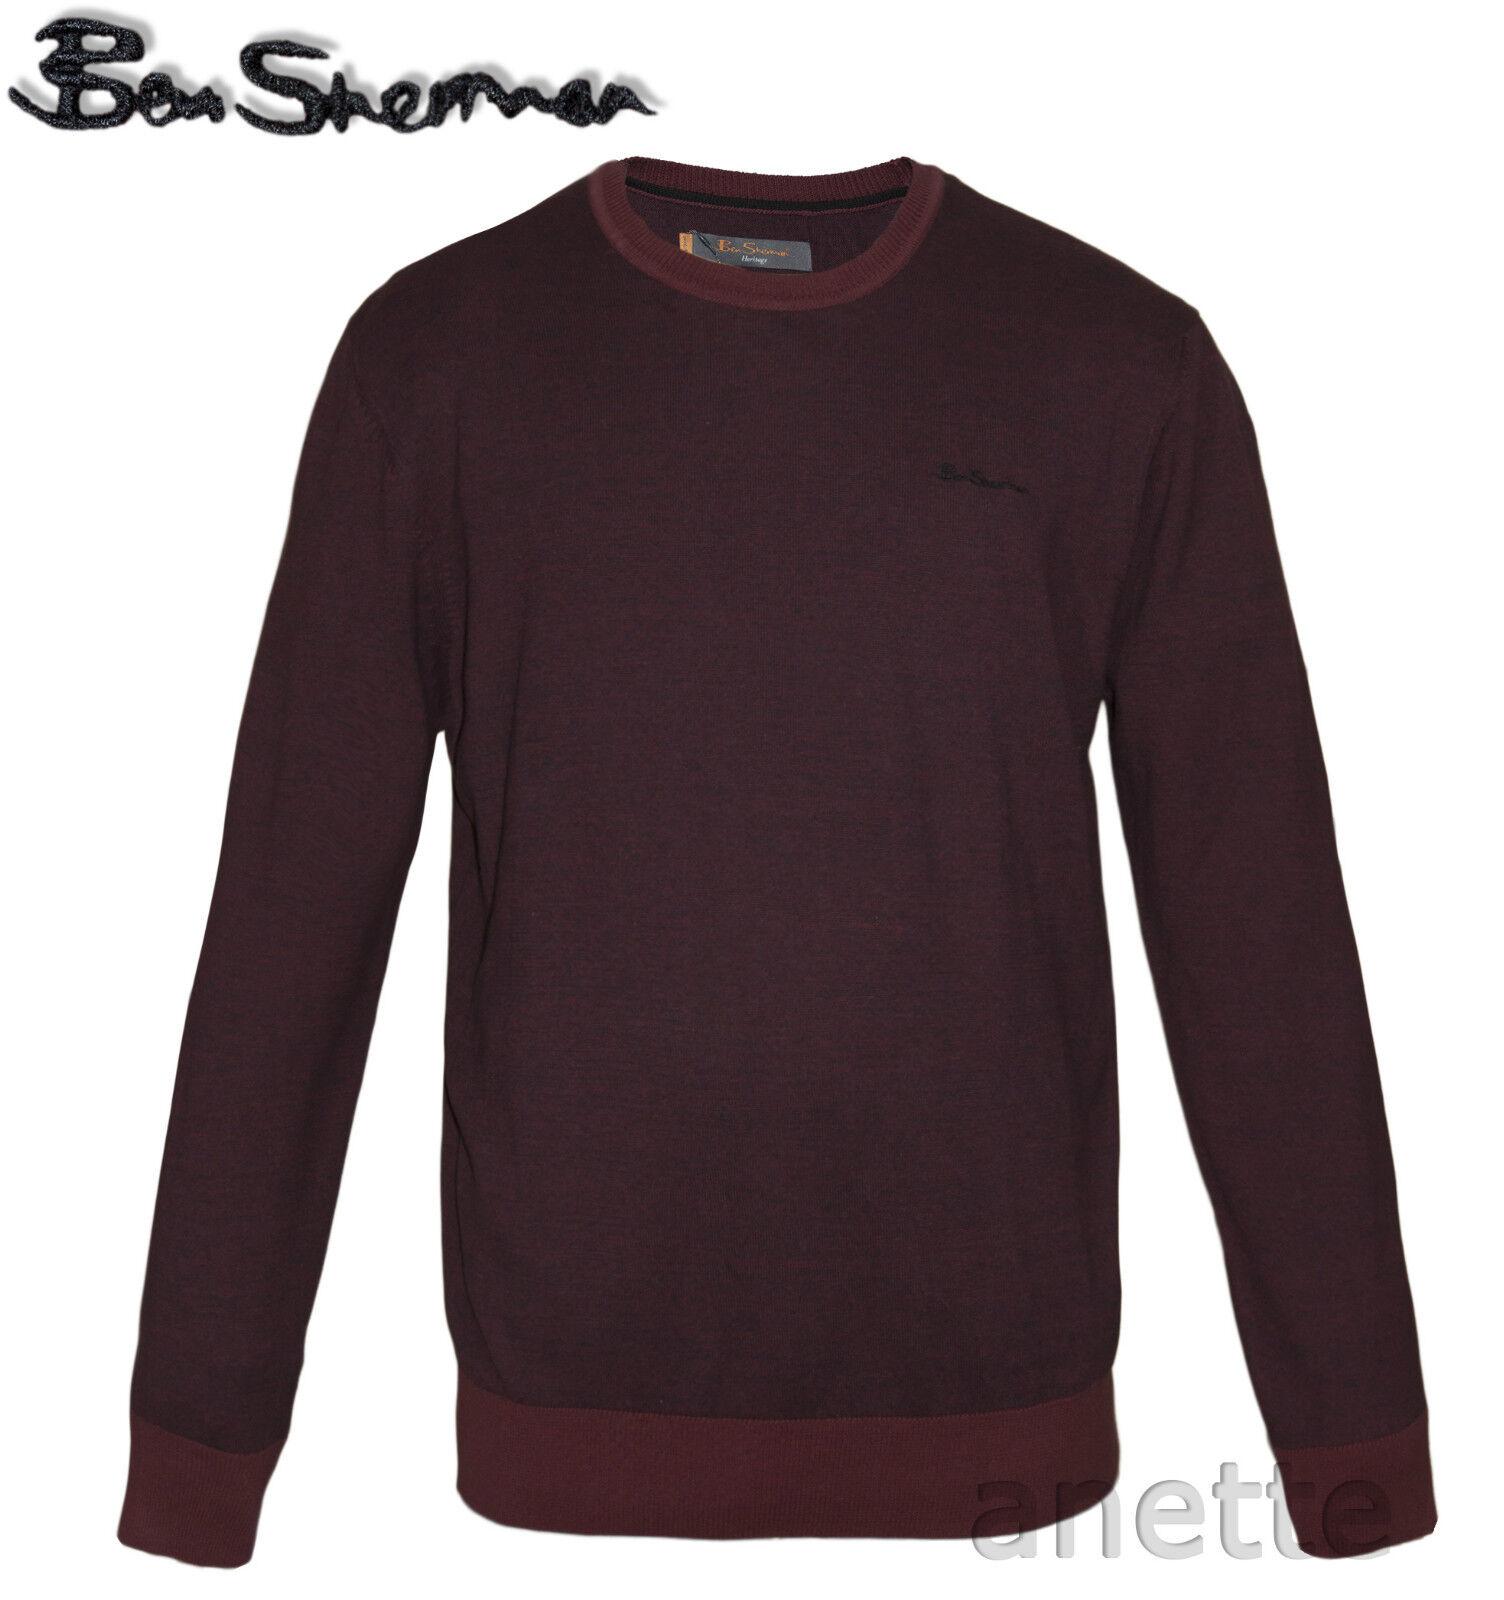 Ben Sherman Borgogna Marna Maglione Da Uomo Con Con Con Logo Ricamato Cotone a Costine trim NUOVO CON ETICHETTA 6f462a